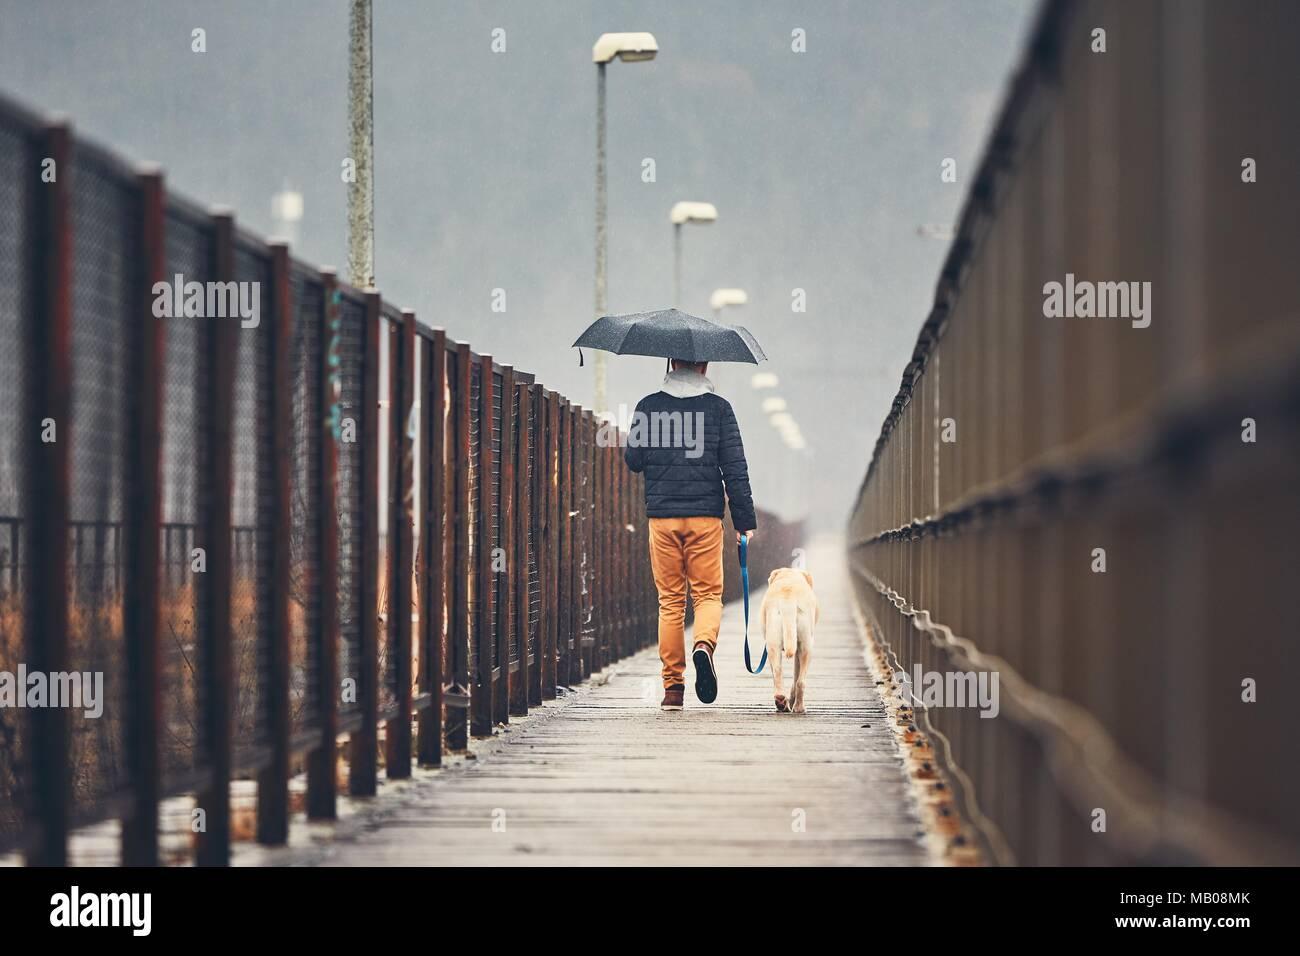 Fosche previsioni in città. L'uomo con il suo cane (labrador retriever) camminando sotto la pioggia sul ponte. Praga, Repubblica Ceca Immagini Stock